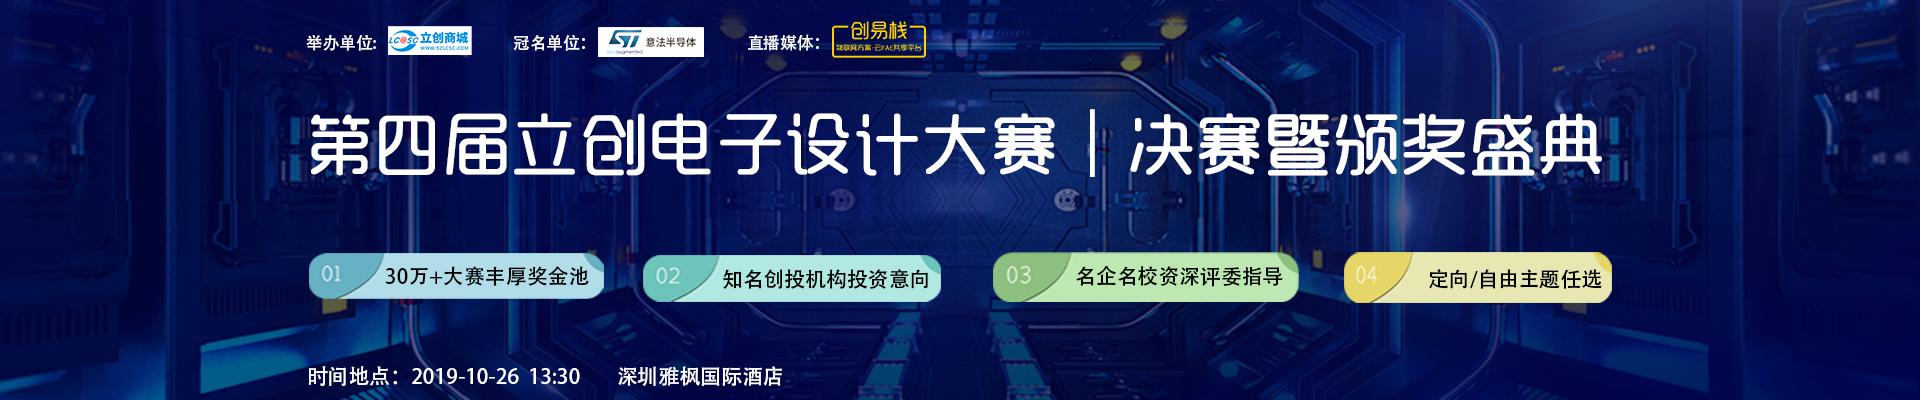 第四届立创电子设计大赛│决赛暨颁奖盛典